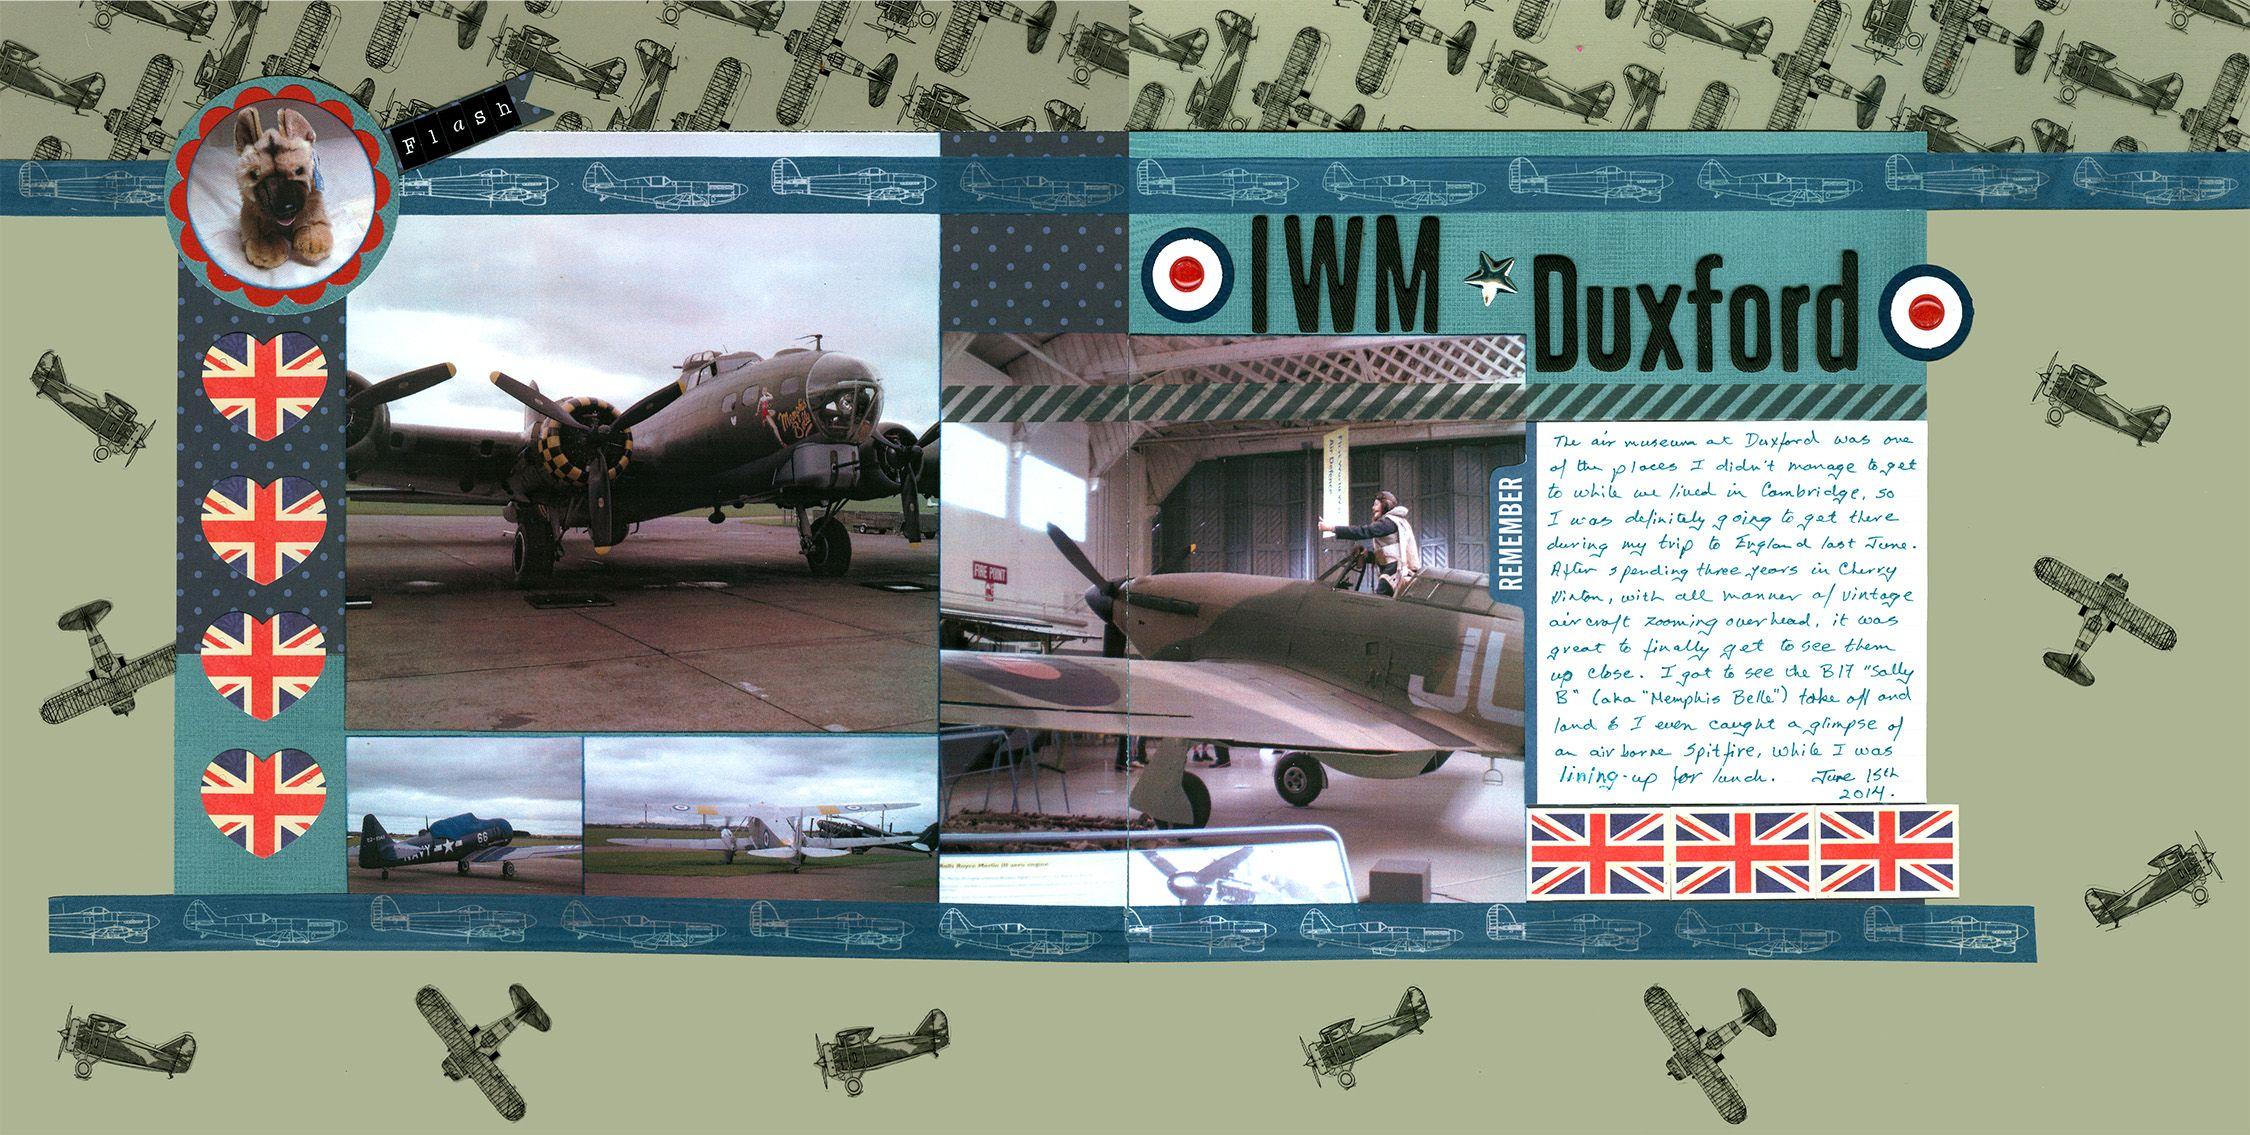 IWM Duxford - Scrapbook.com